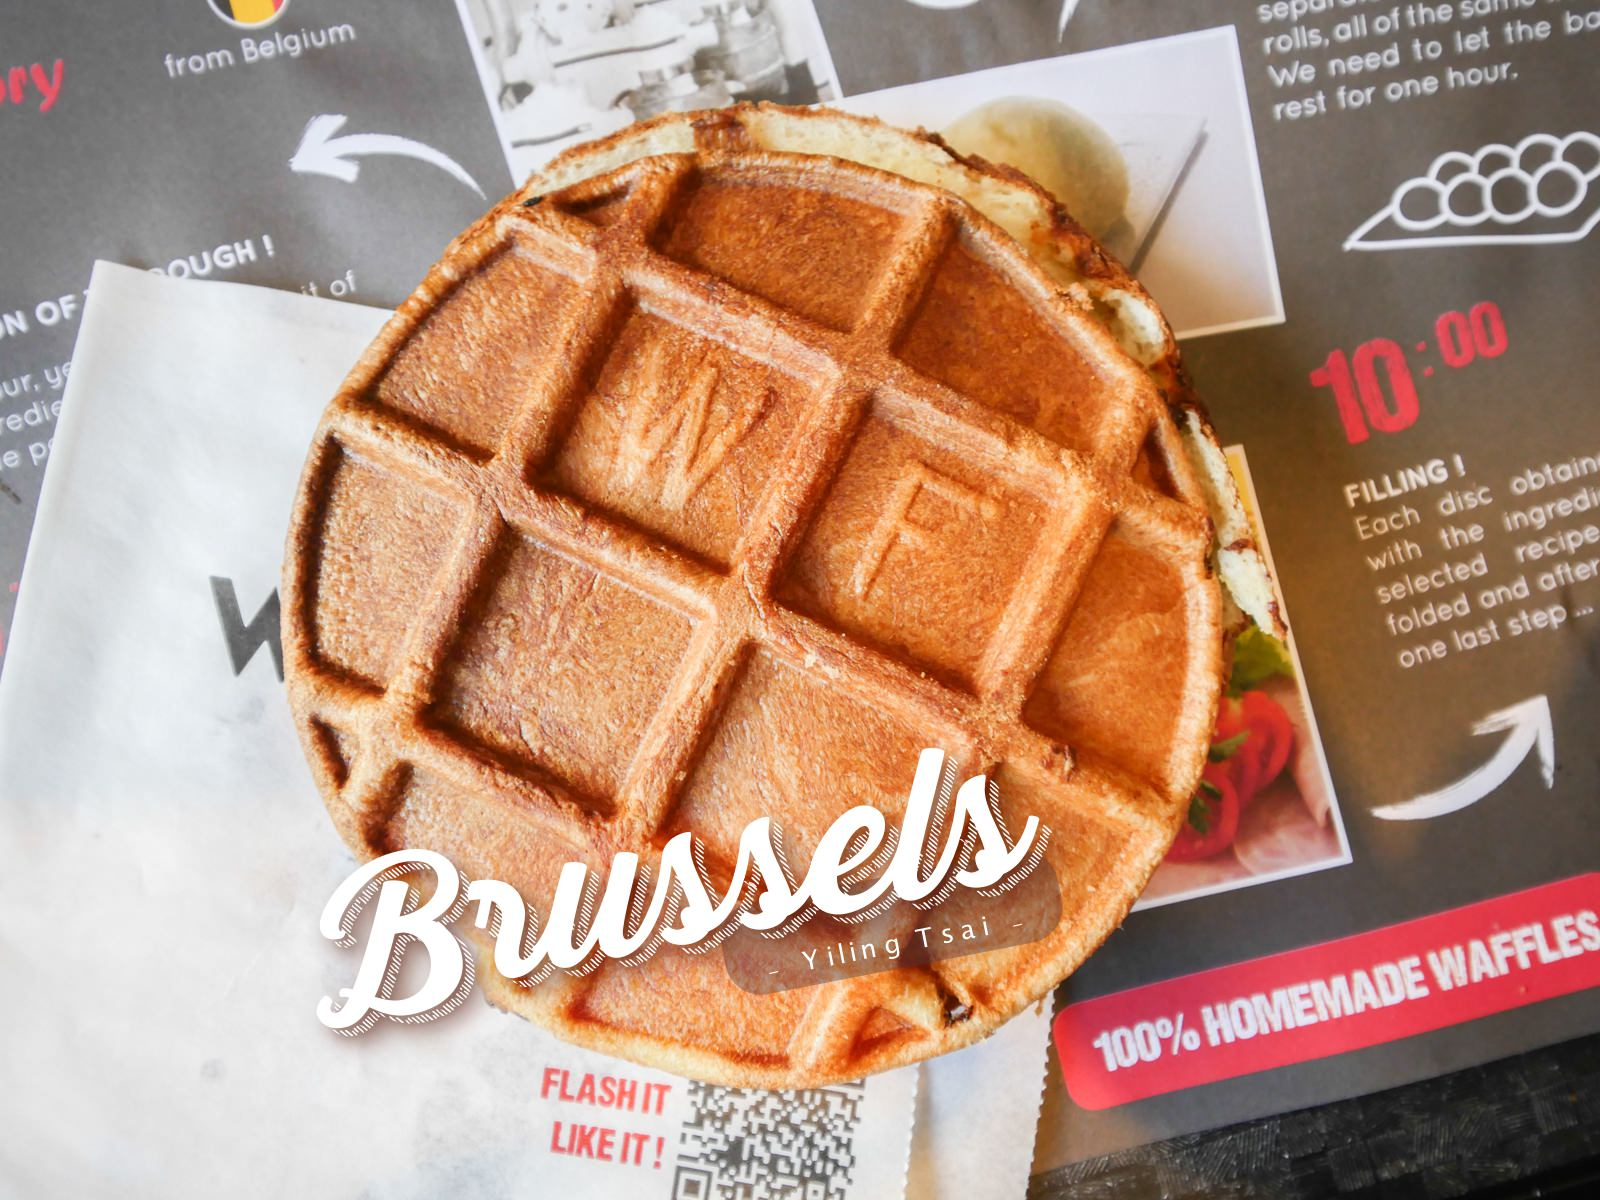 比利時鬆餅推薦 Waffle Factory 布魯塞爾美食